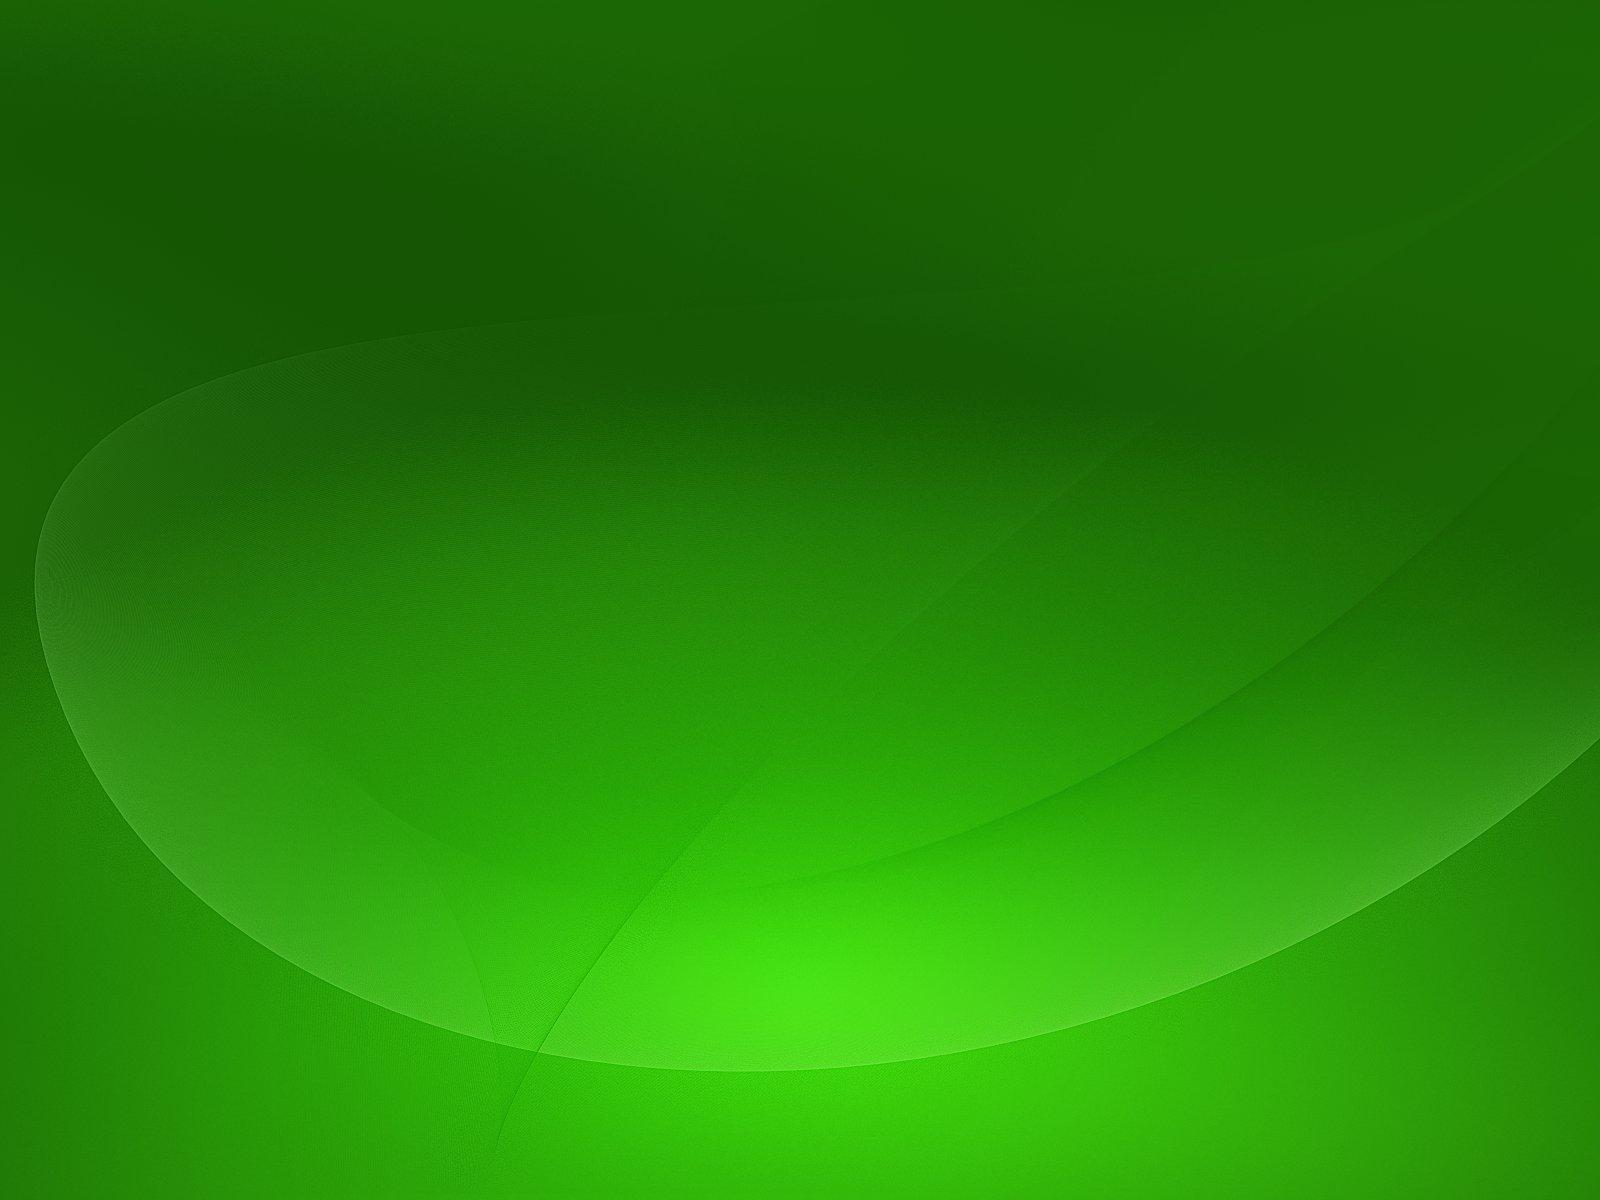 Plain Green Wallpaper wallpaper Plain Green Wallpaper hd wallpaper 1600x1200